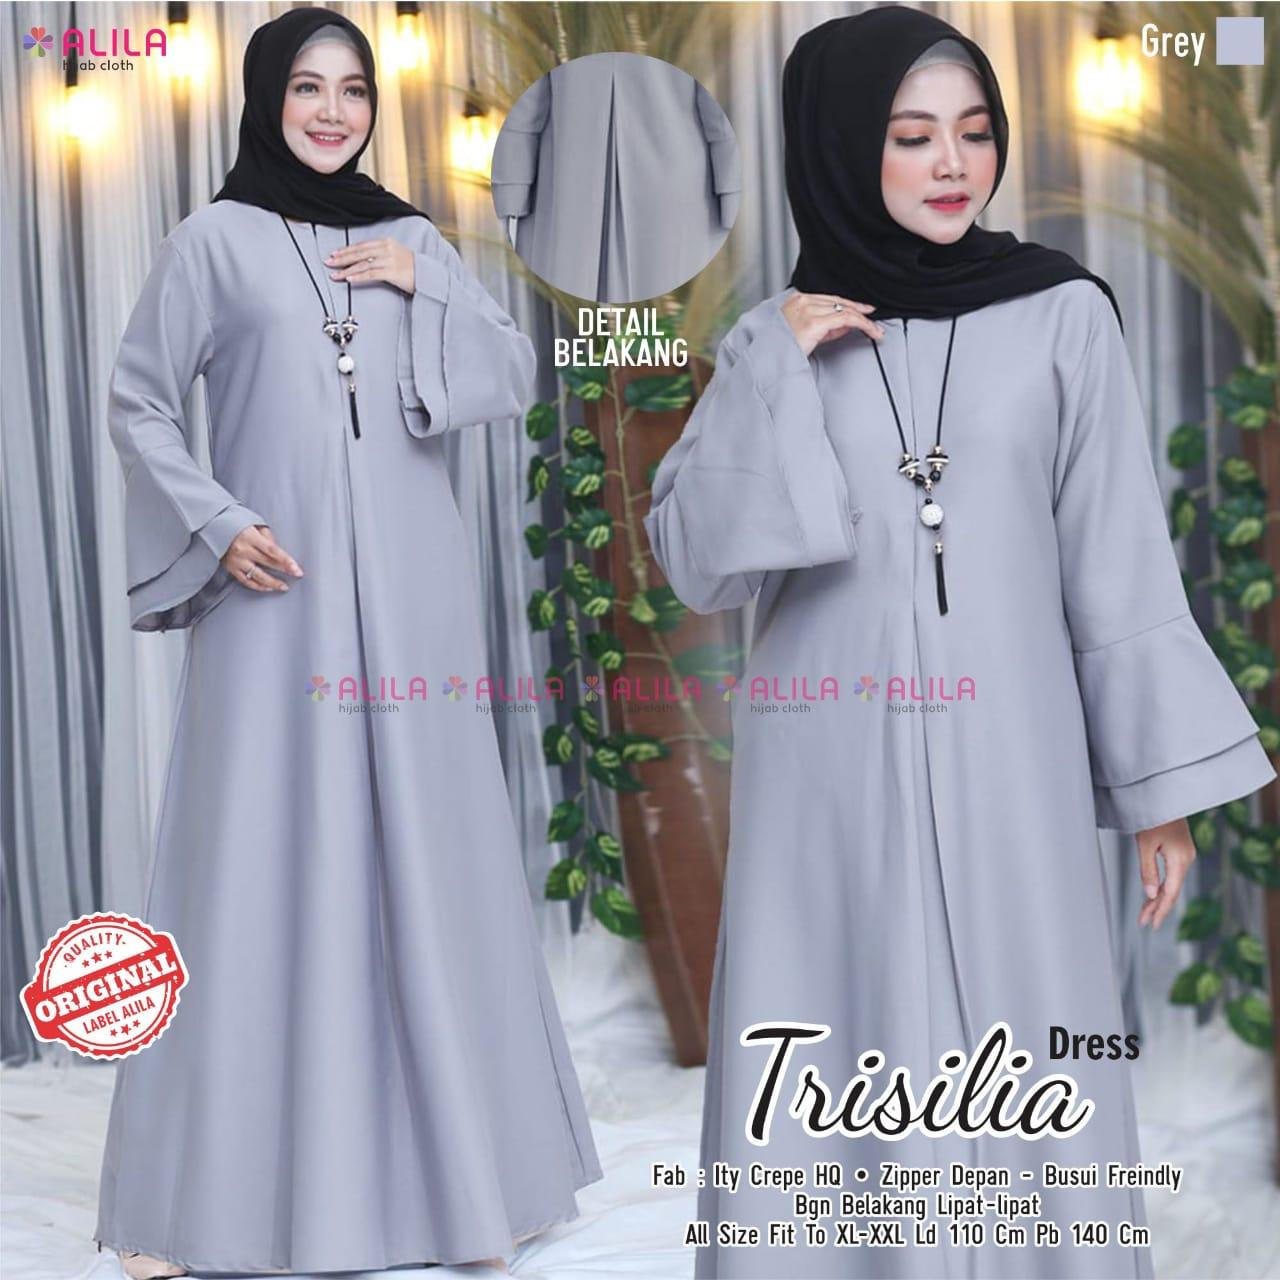 Trisilia Dress Ity Crepe HQ  Baju muslim syari terbaru 11 toko baju  muslim di solomodel long dress untuk orang gemuk model kebaya dress  panjang